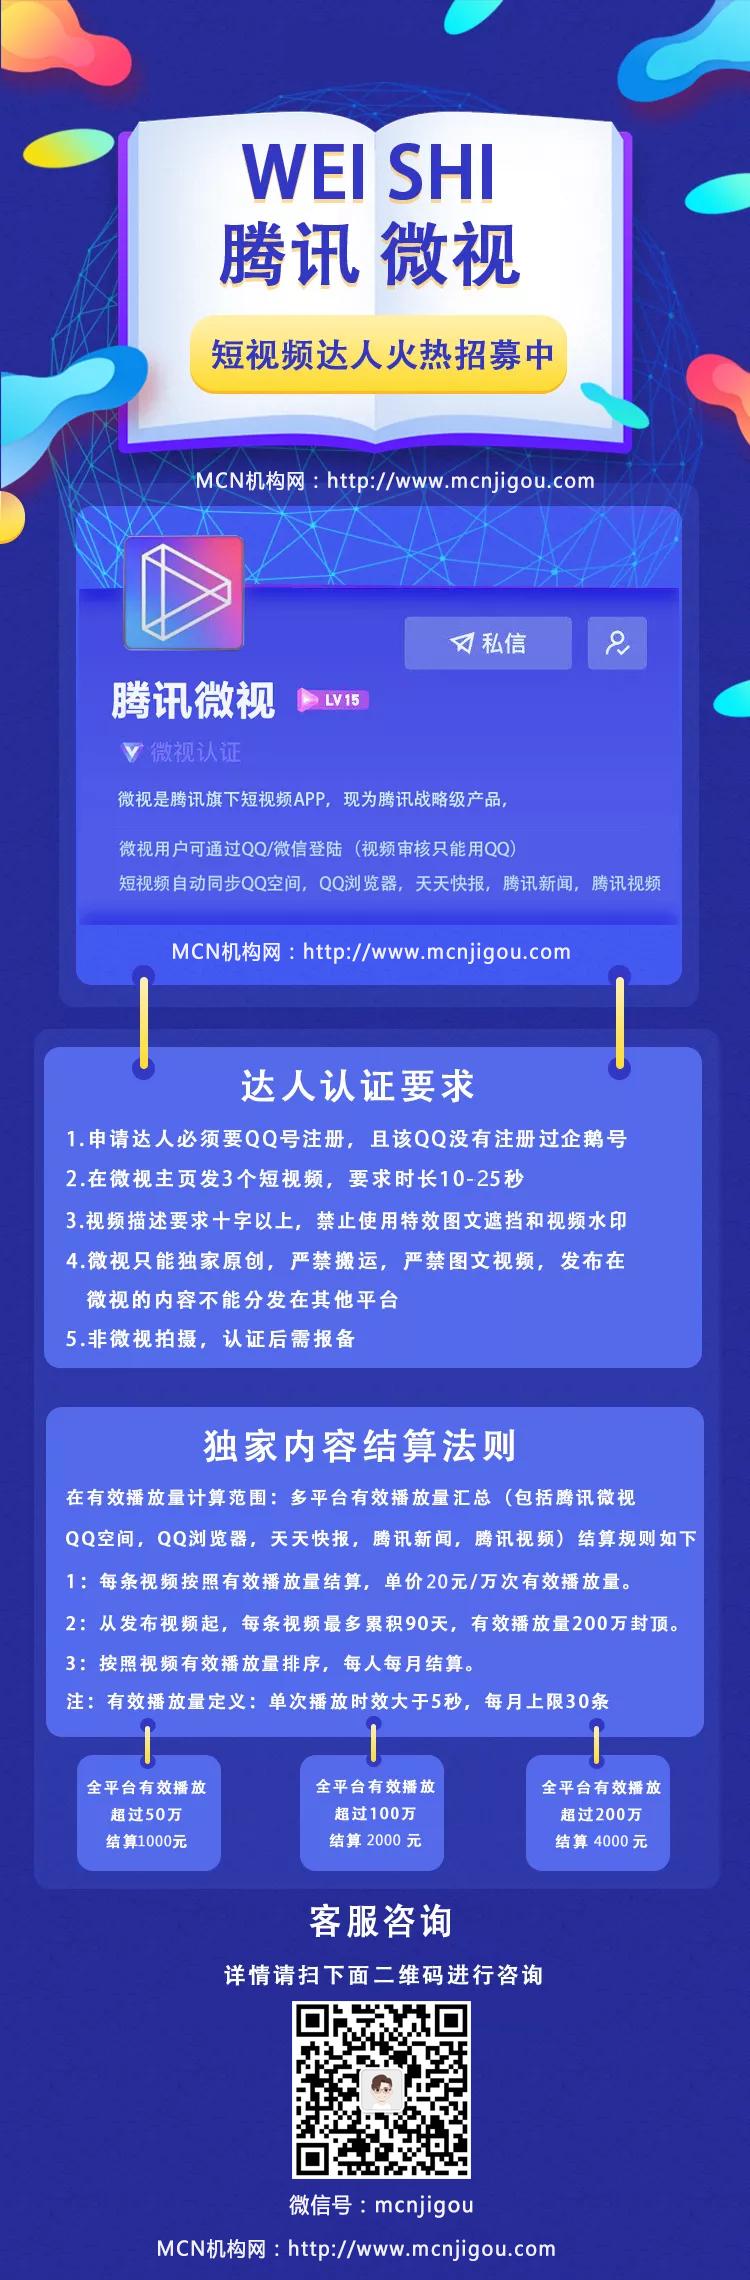 2019年<a href='http://mcnjigou.com/?tags=2'>微视</a>认证达人的方法和短视频达人的招募要求